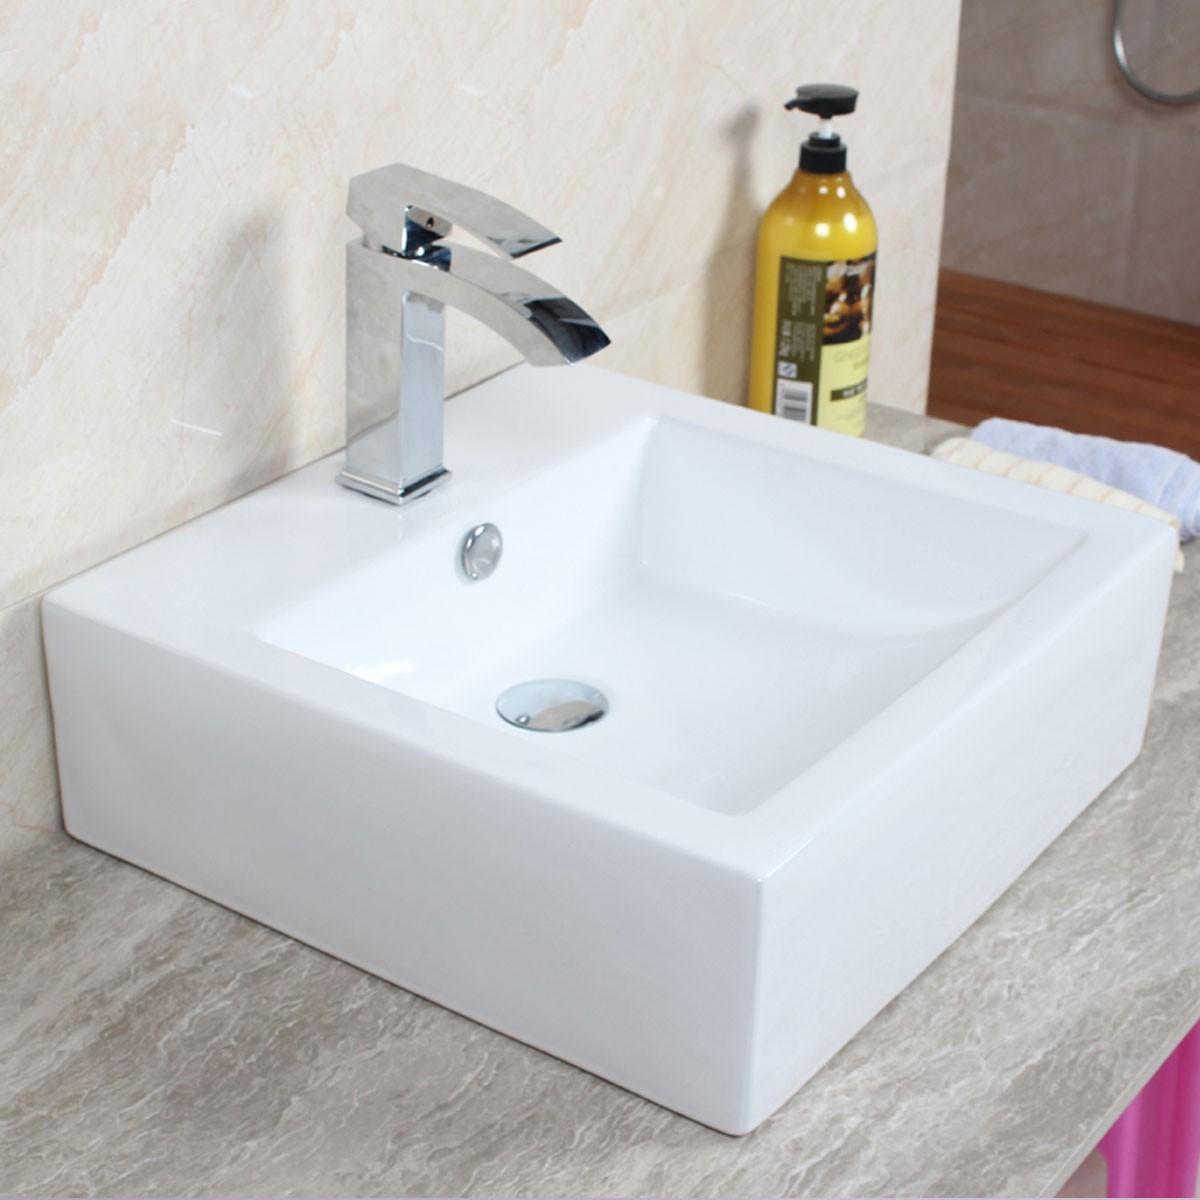 Decoraport White Square Ceramic Above Counter Basin (CL-1176)